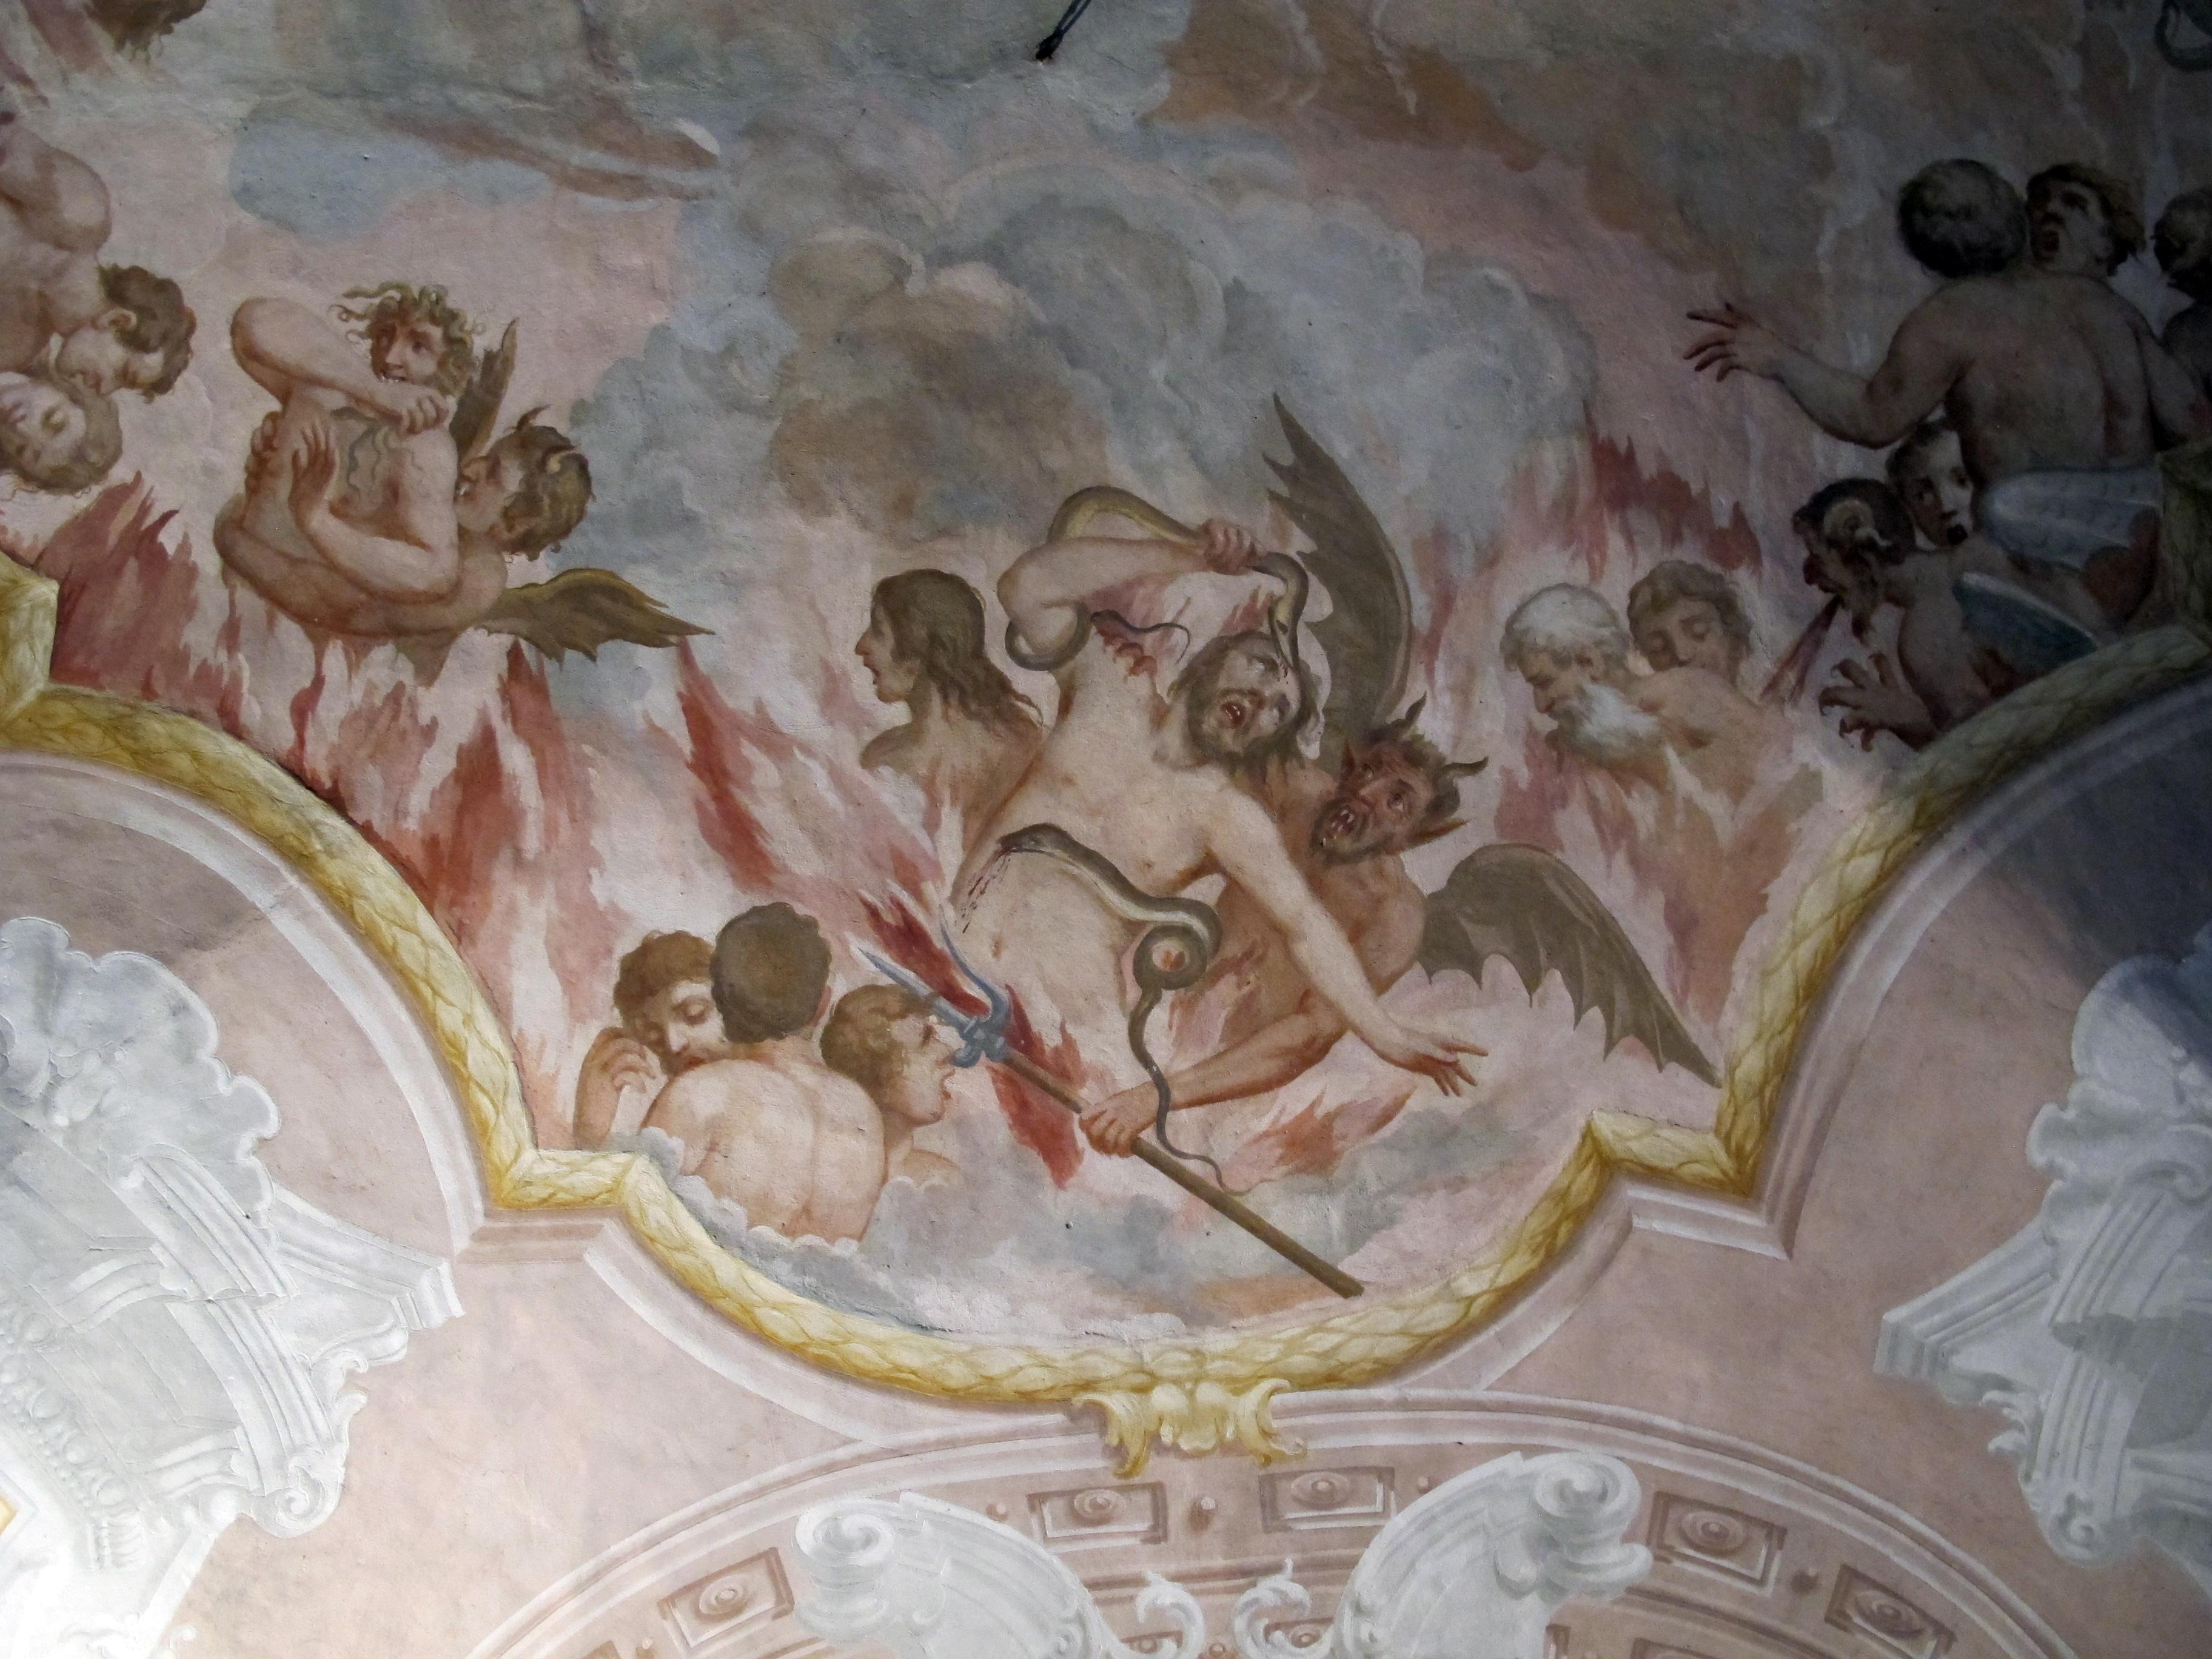 Duomo di colle, int., cripta della misericordia, affreschi con dannati.JPG